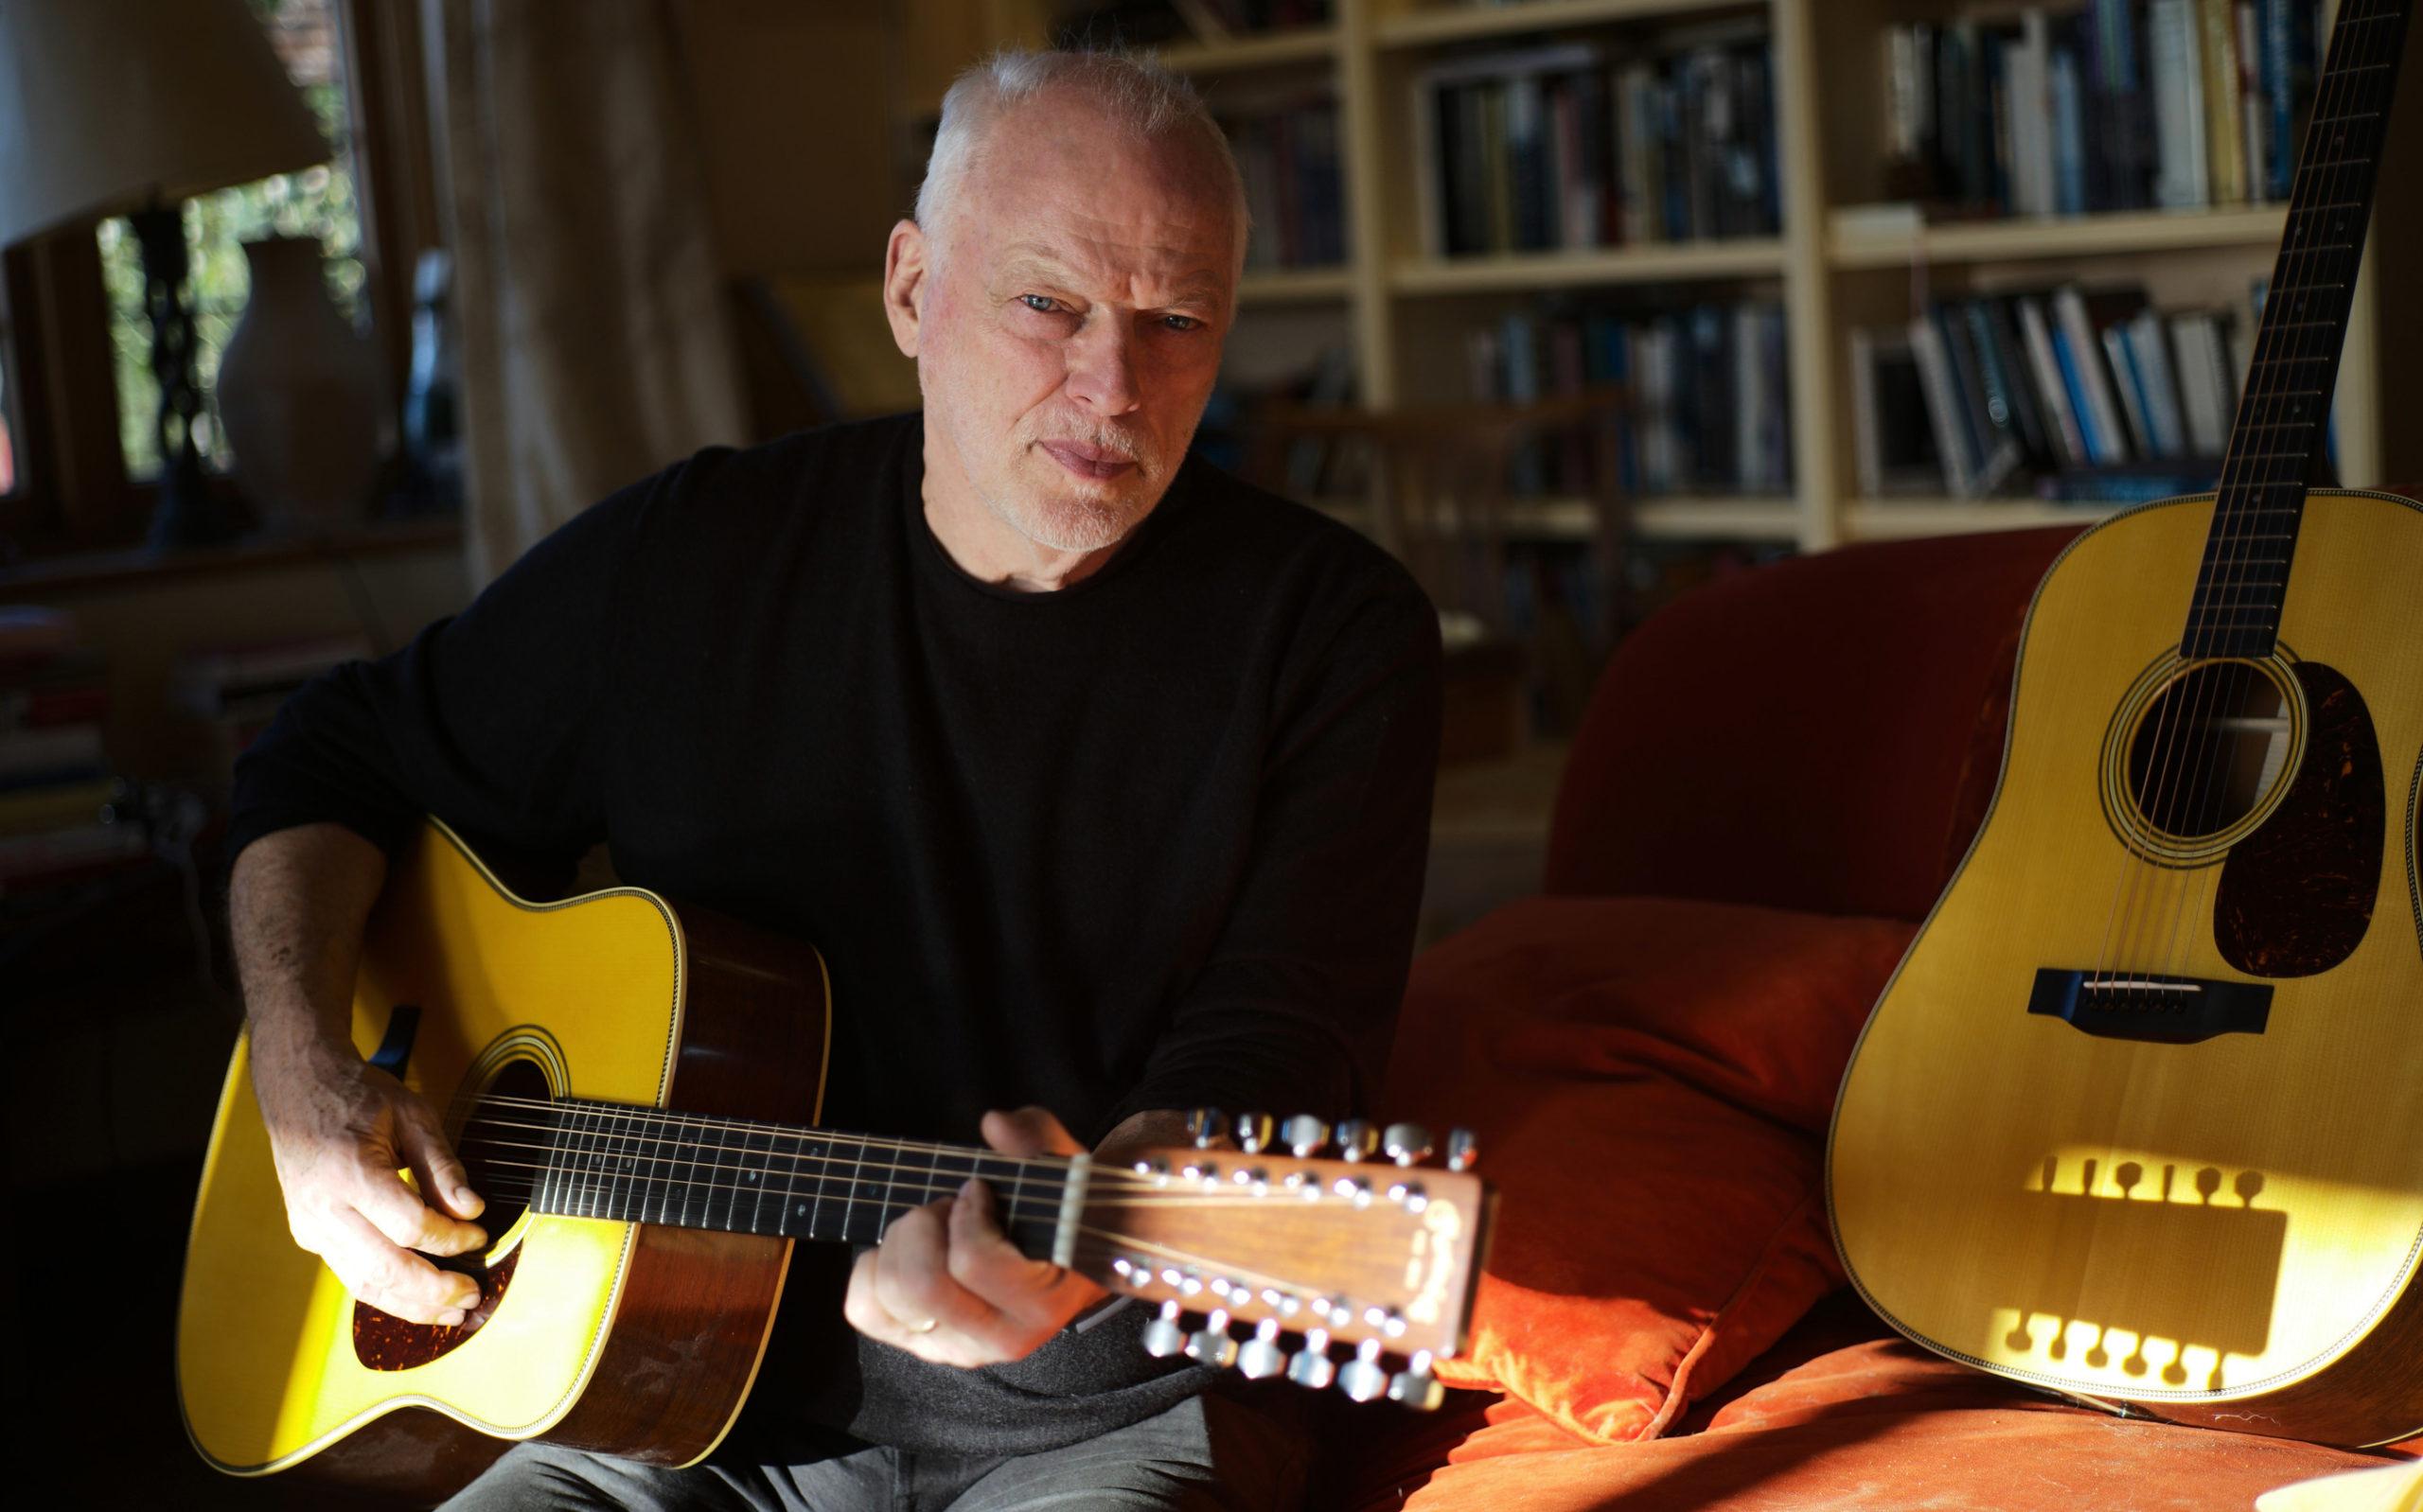 Martin D-35 David Gilmour 12 String Guitar onemanz portrait